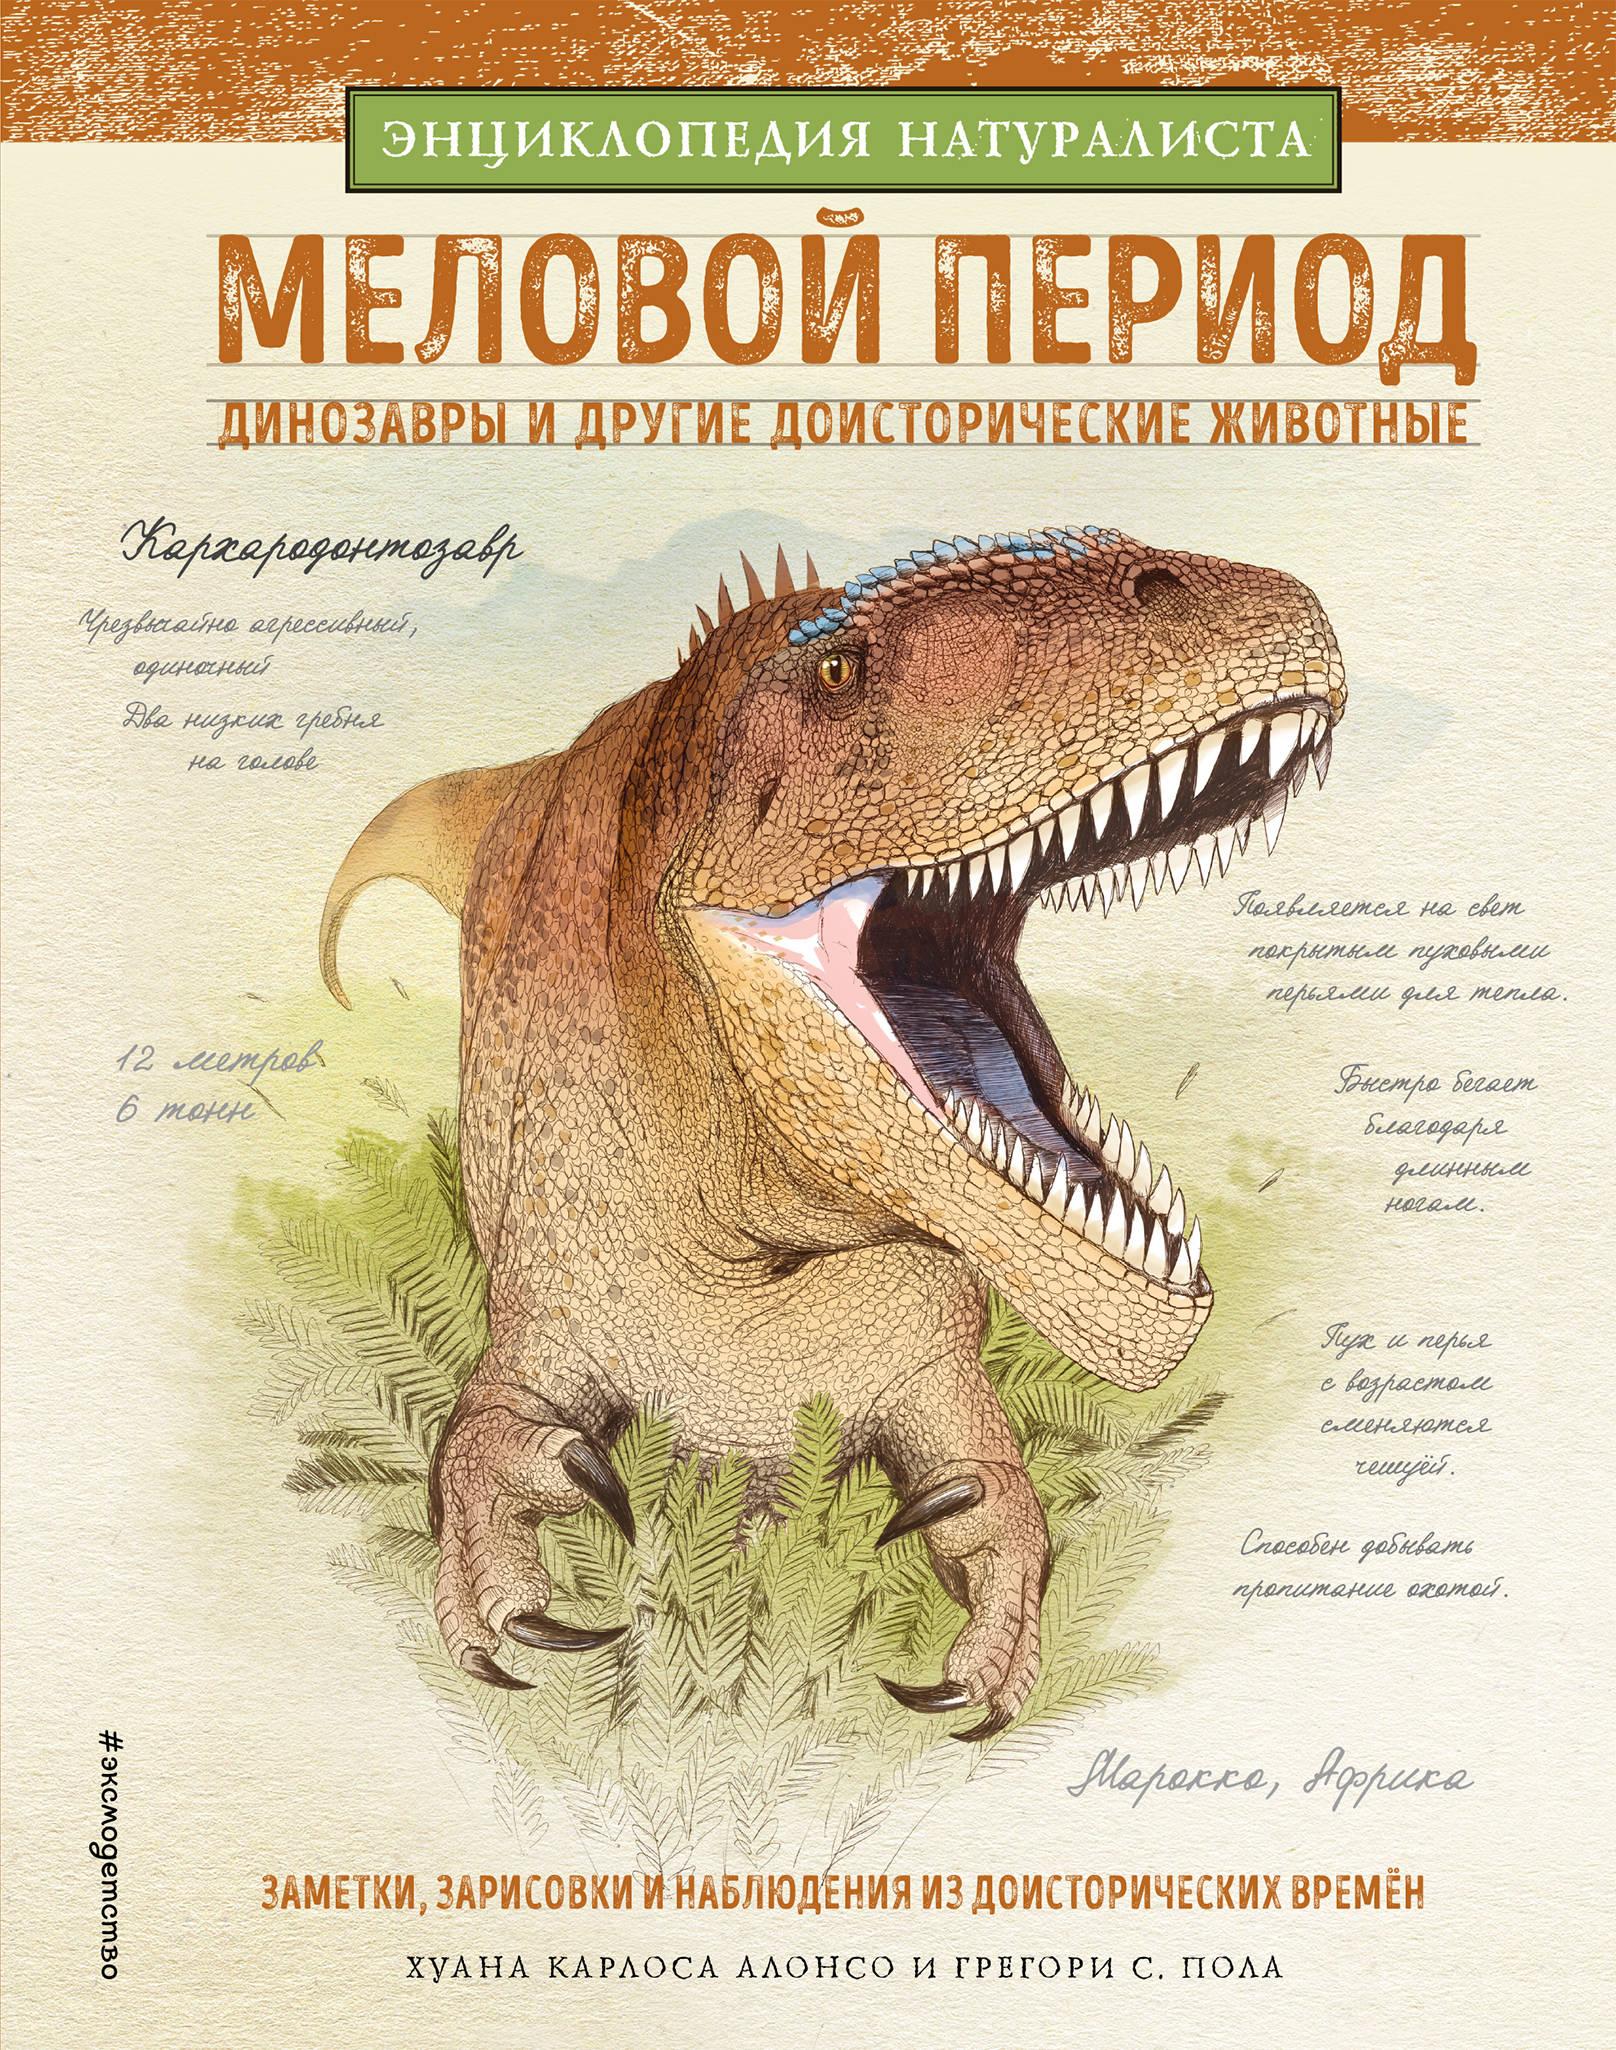 Меловой период. Динозавры и другие доисторические животные динозавры и другие доисторические животные детская энциклопедия